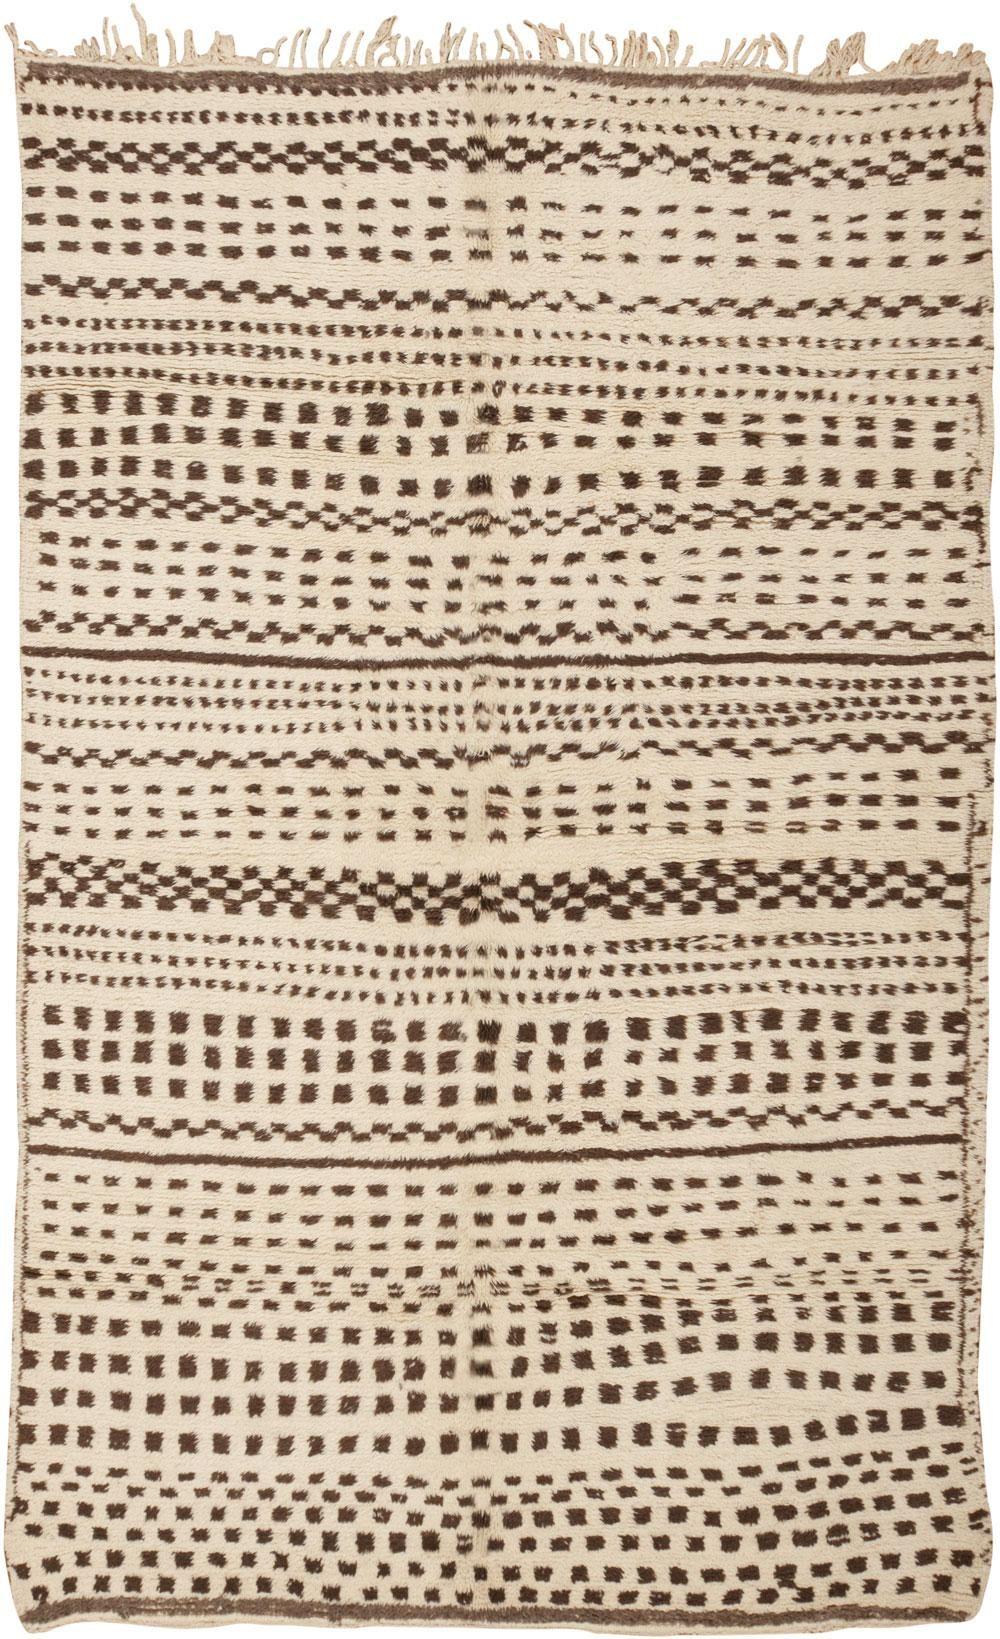 Vintage Moroccan Rug 45688 - by Nazmiyal